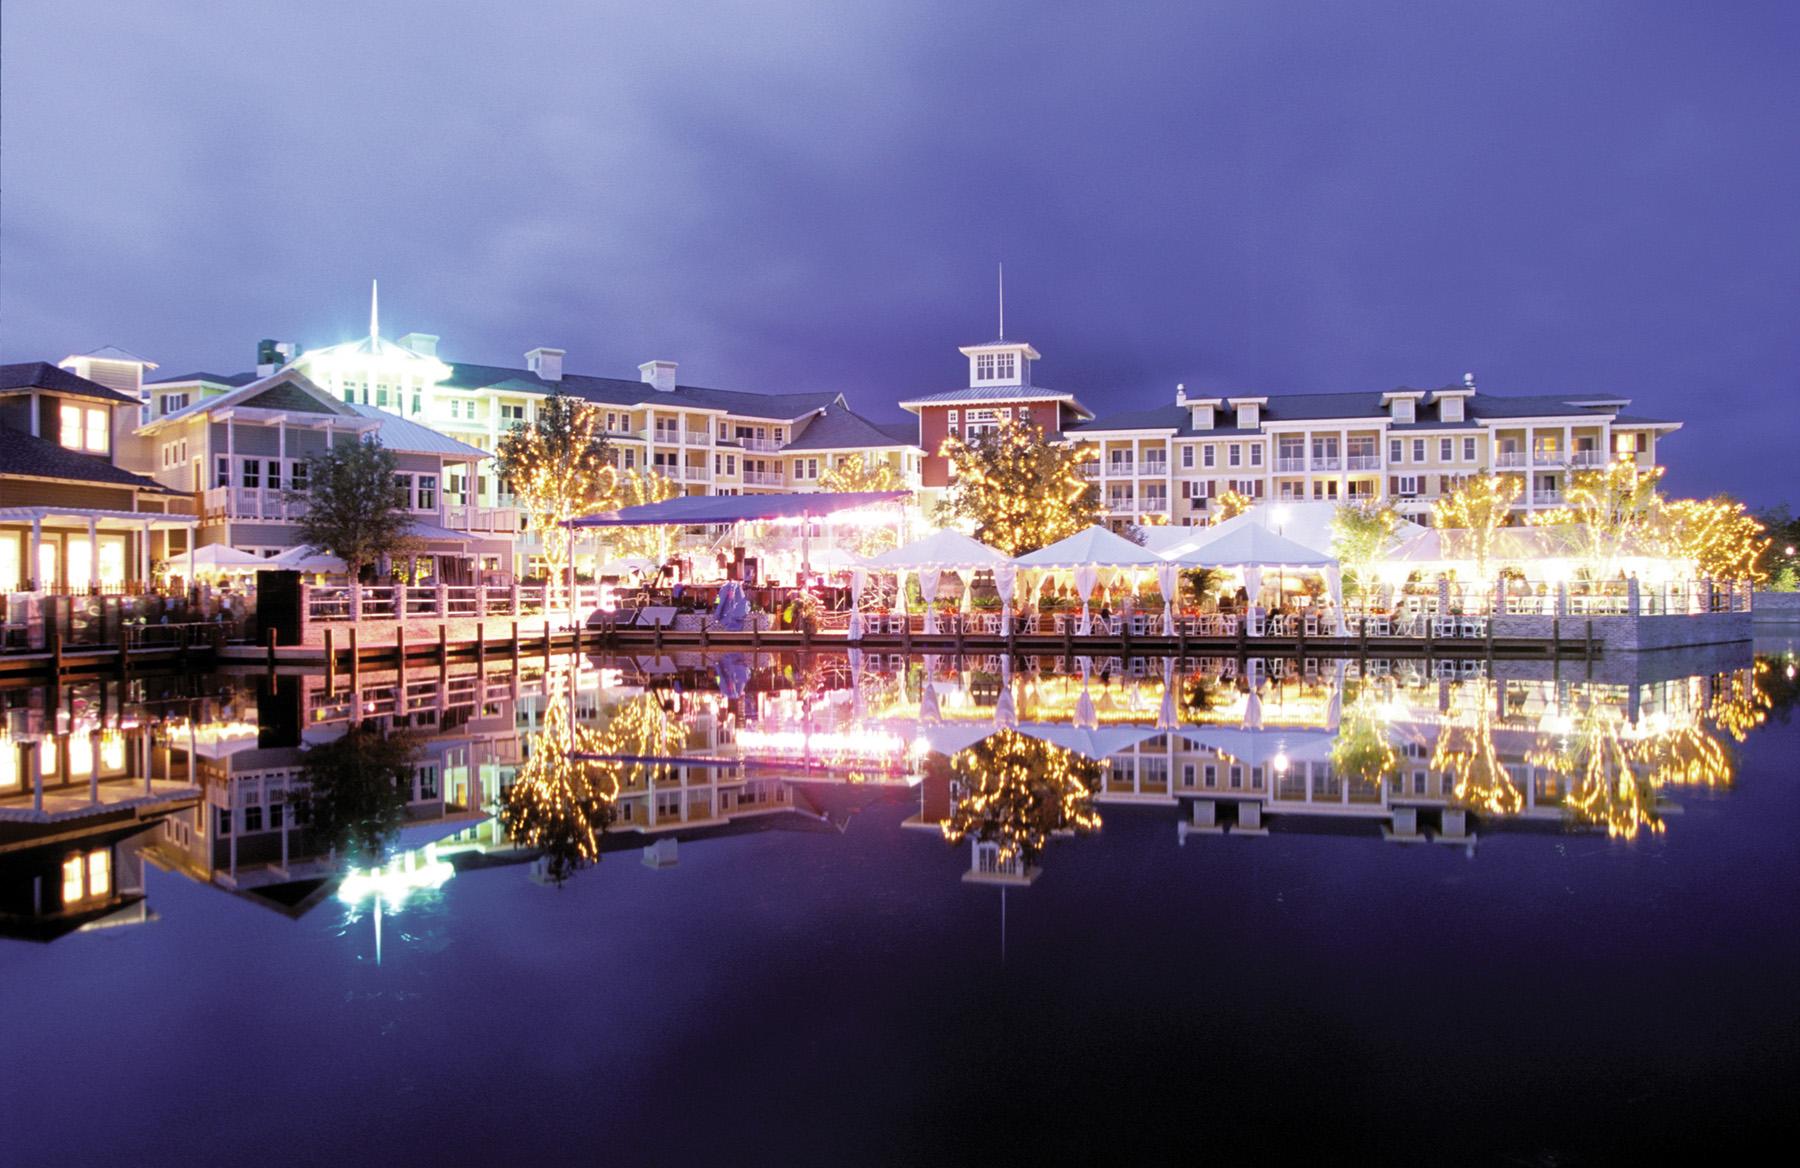 Baytowne wharf wedding